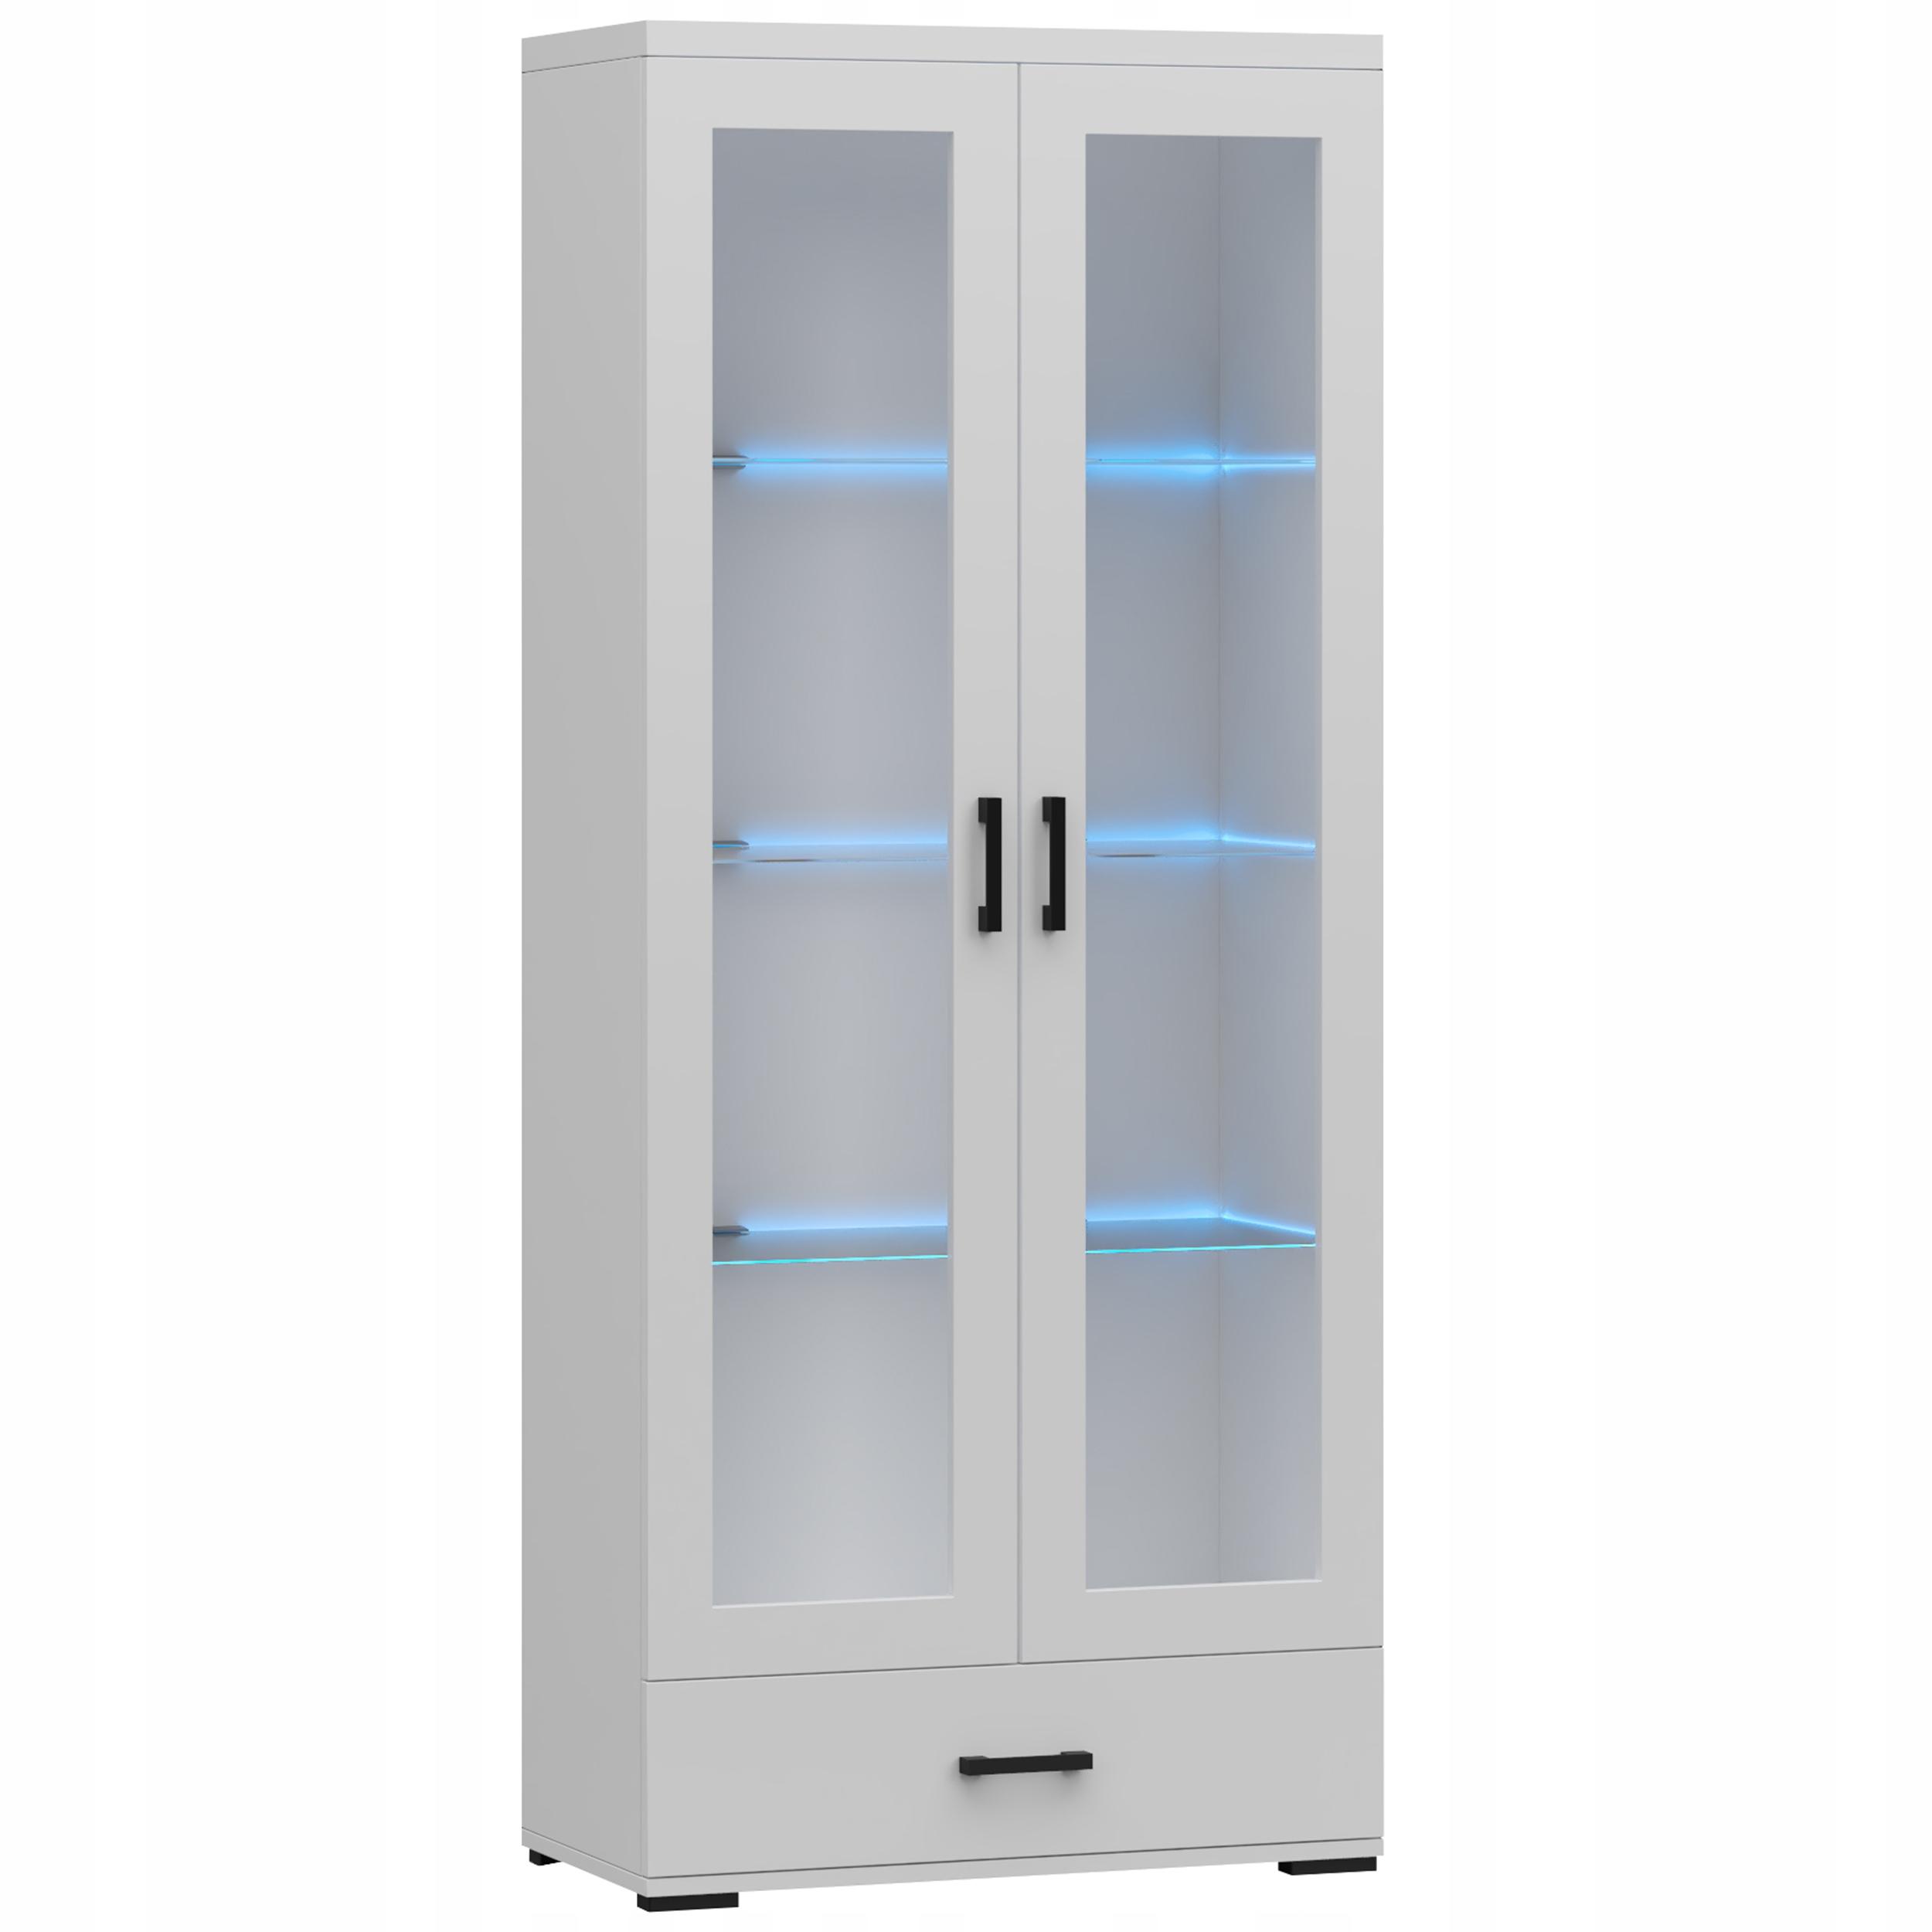 Витрина с ящиком 80 см, светодиодный вариант - Белый